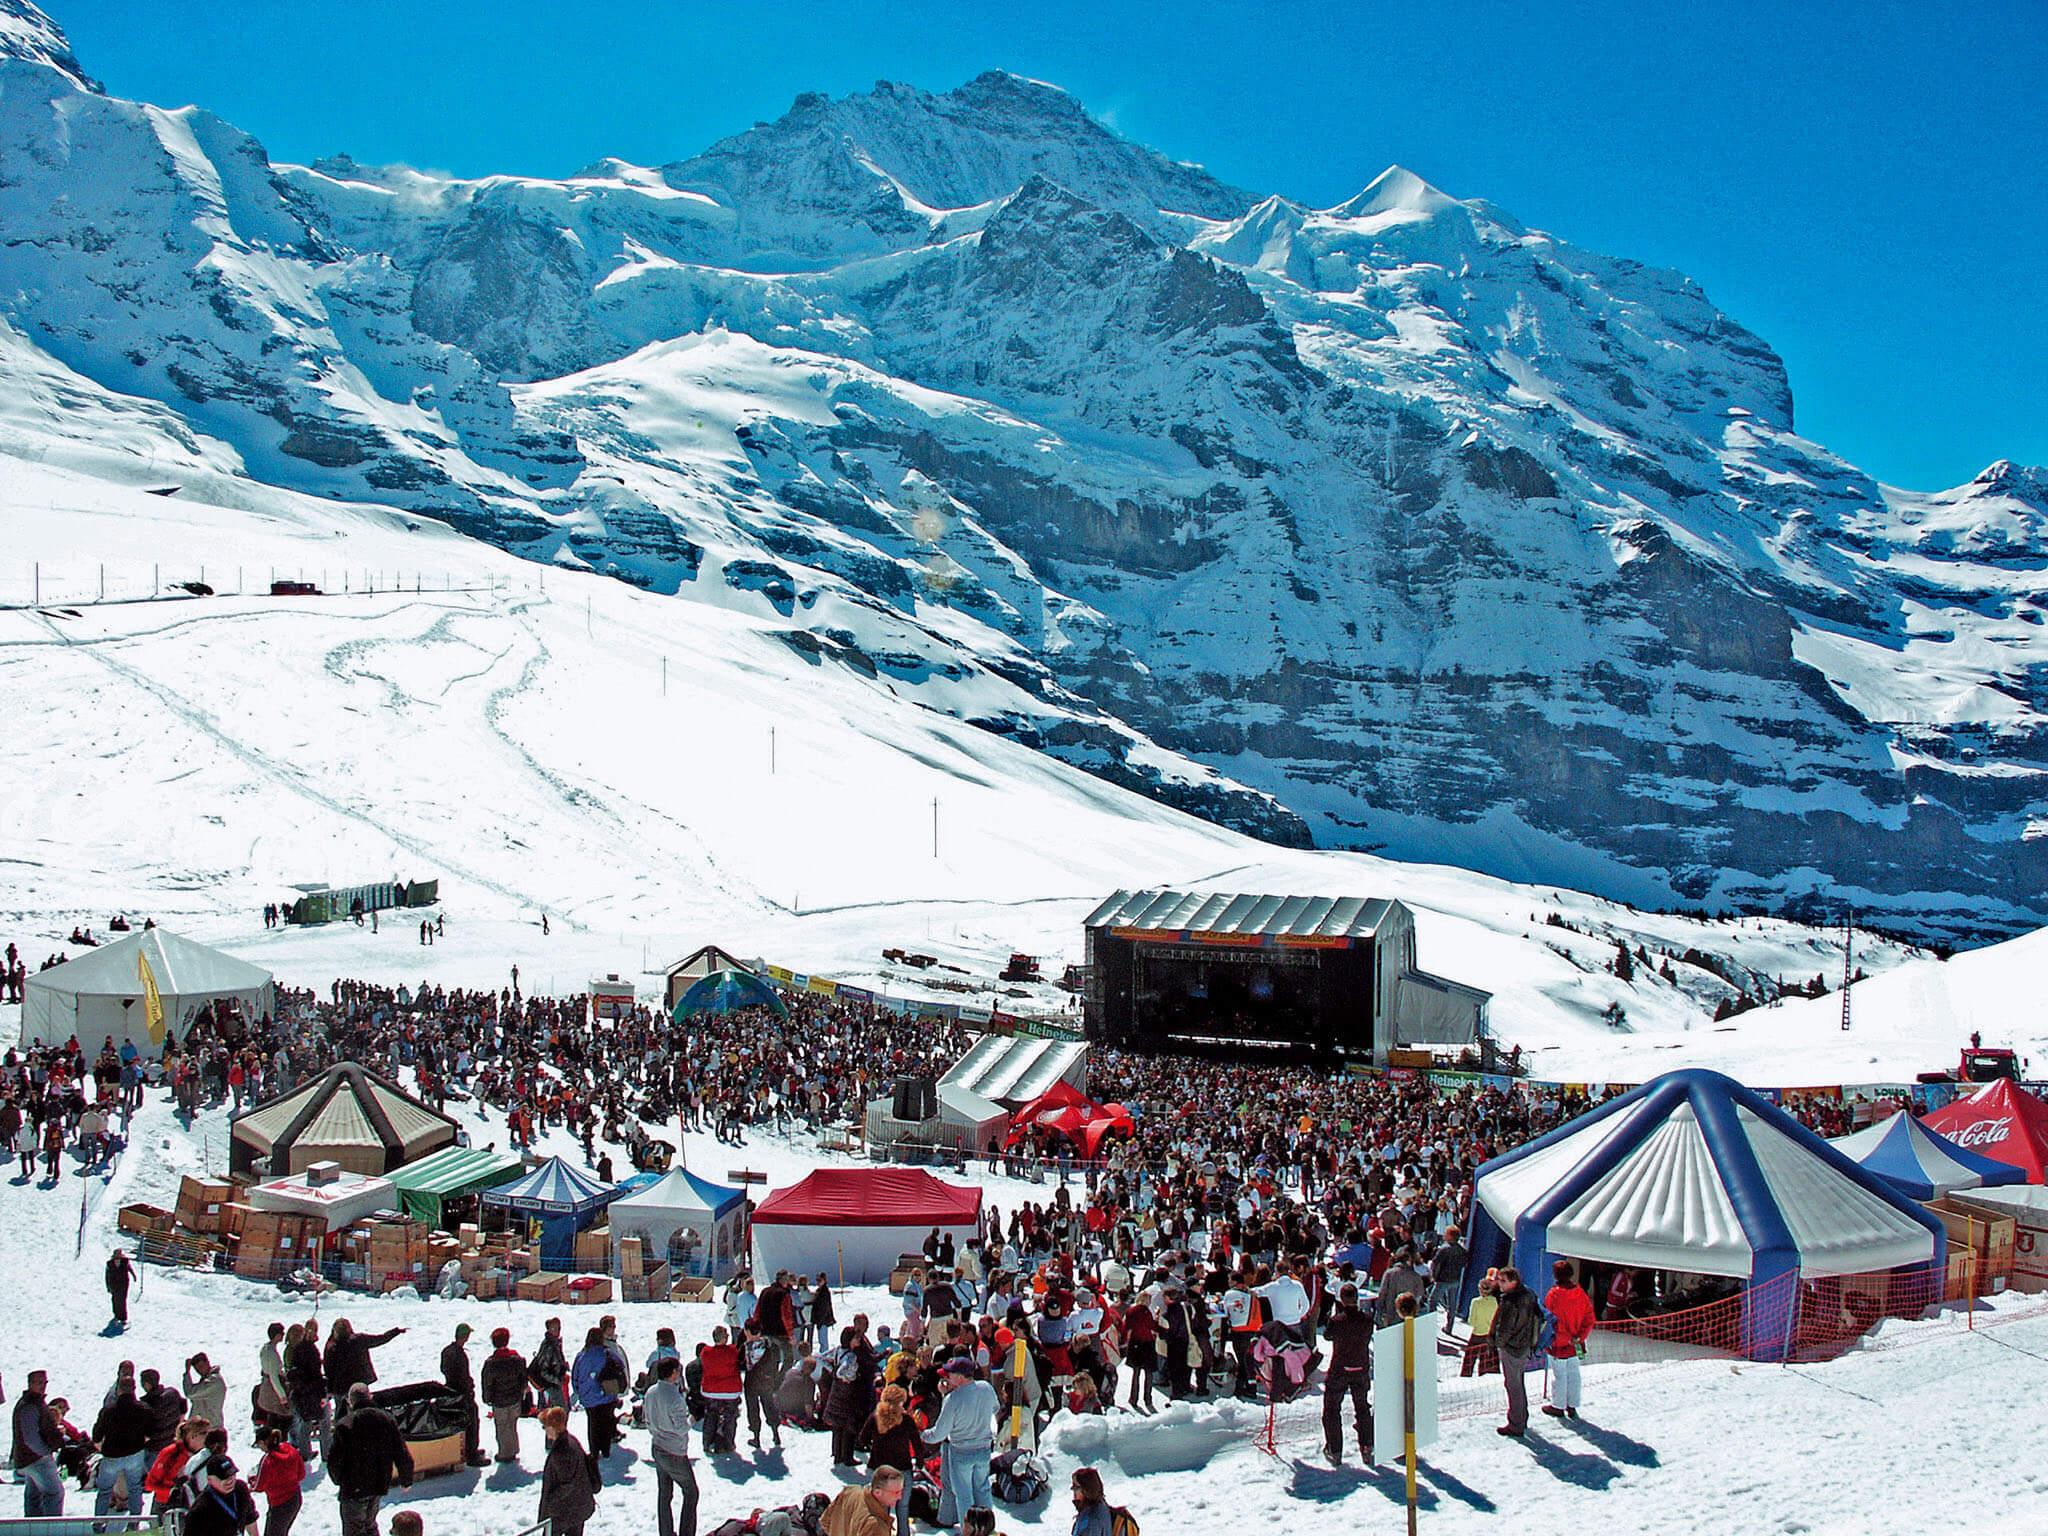 Музыкальный фестиваль Snowpenair